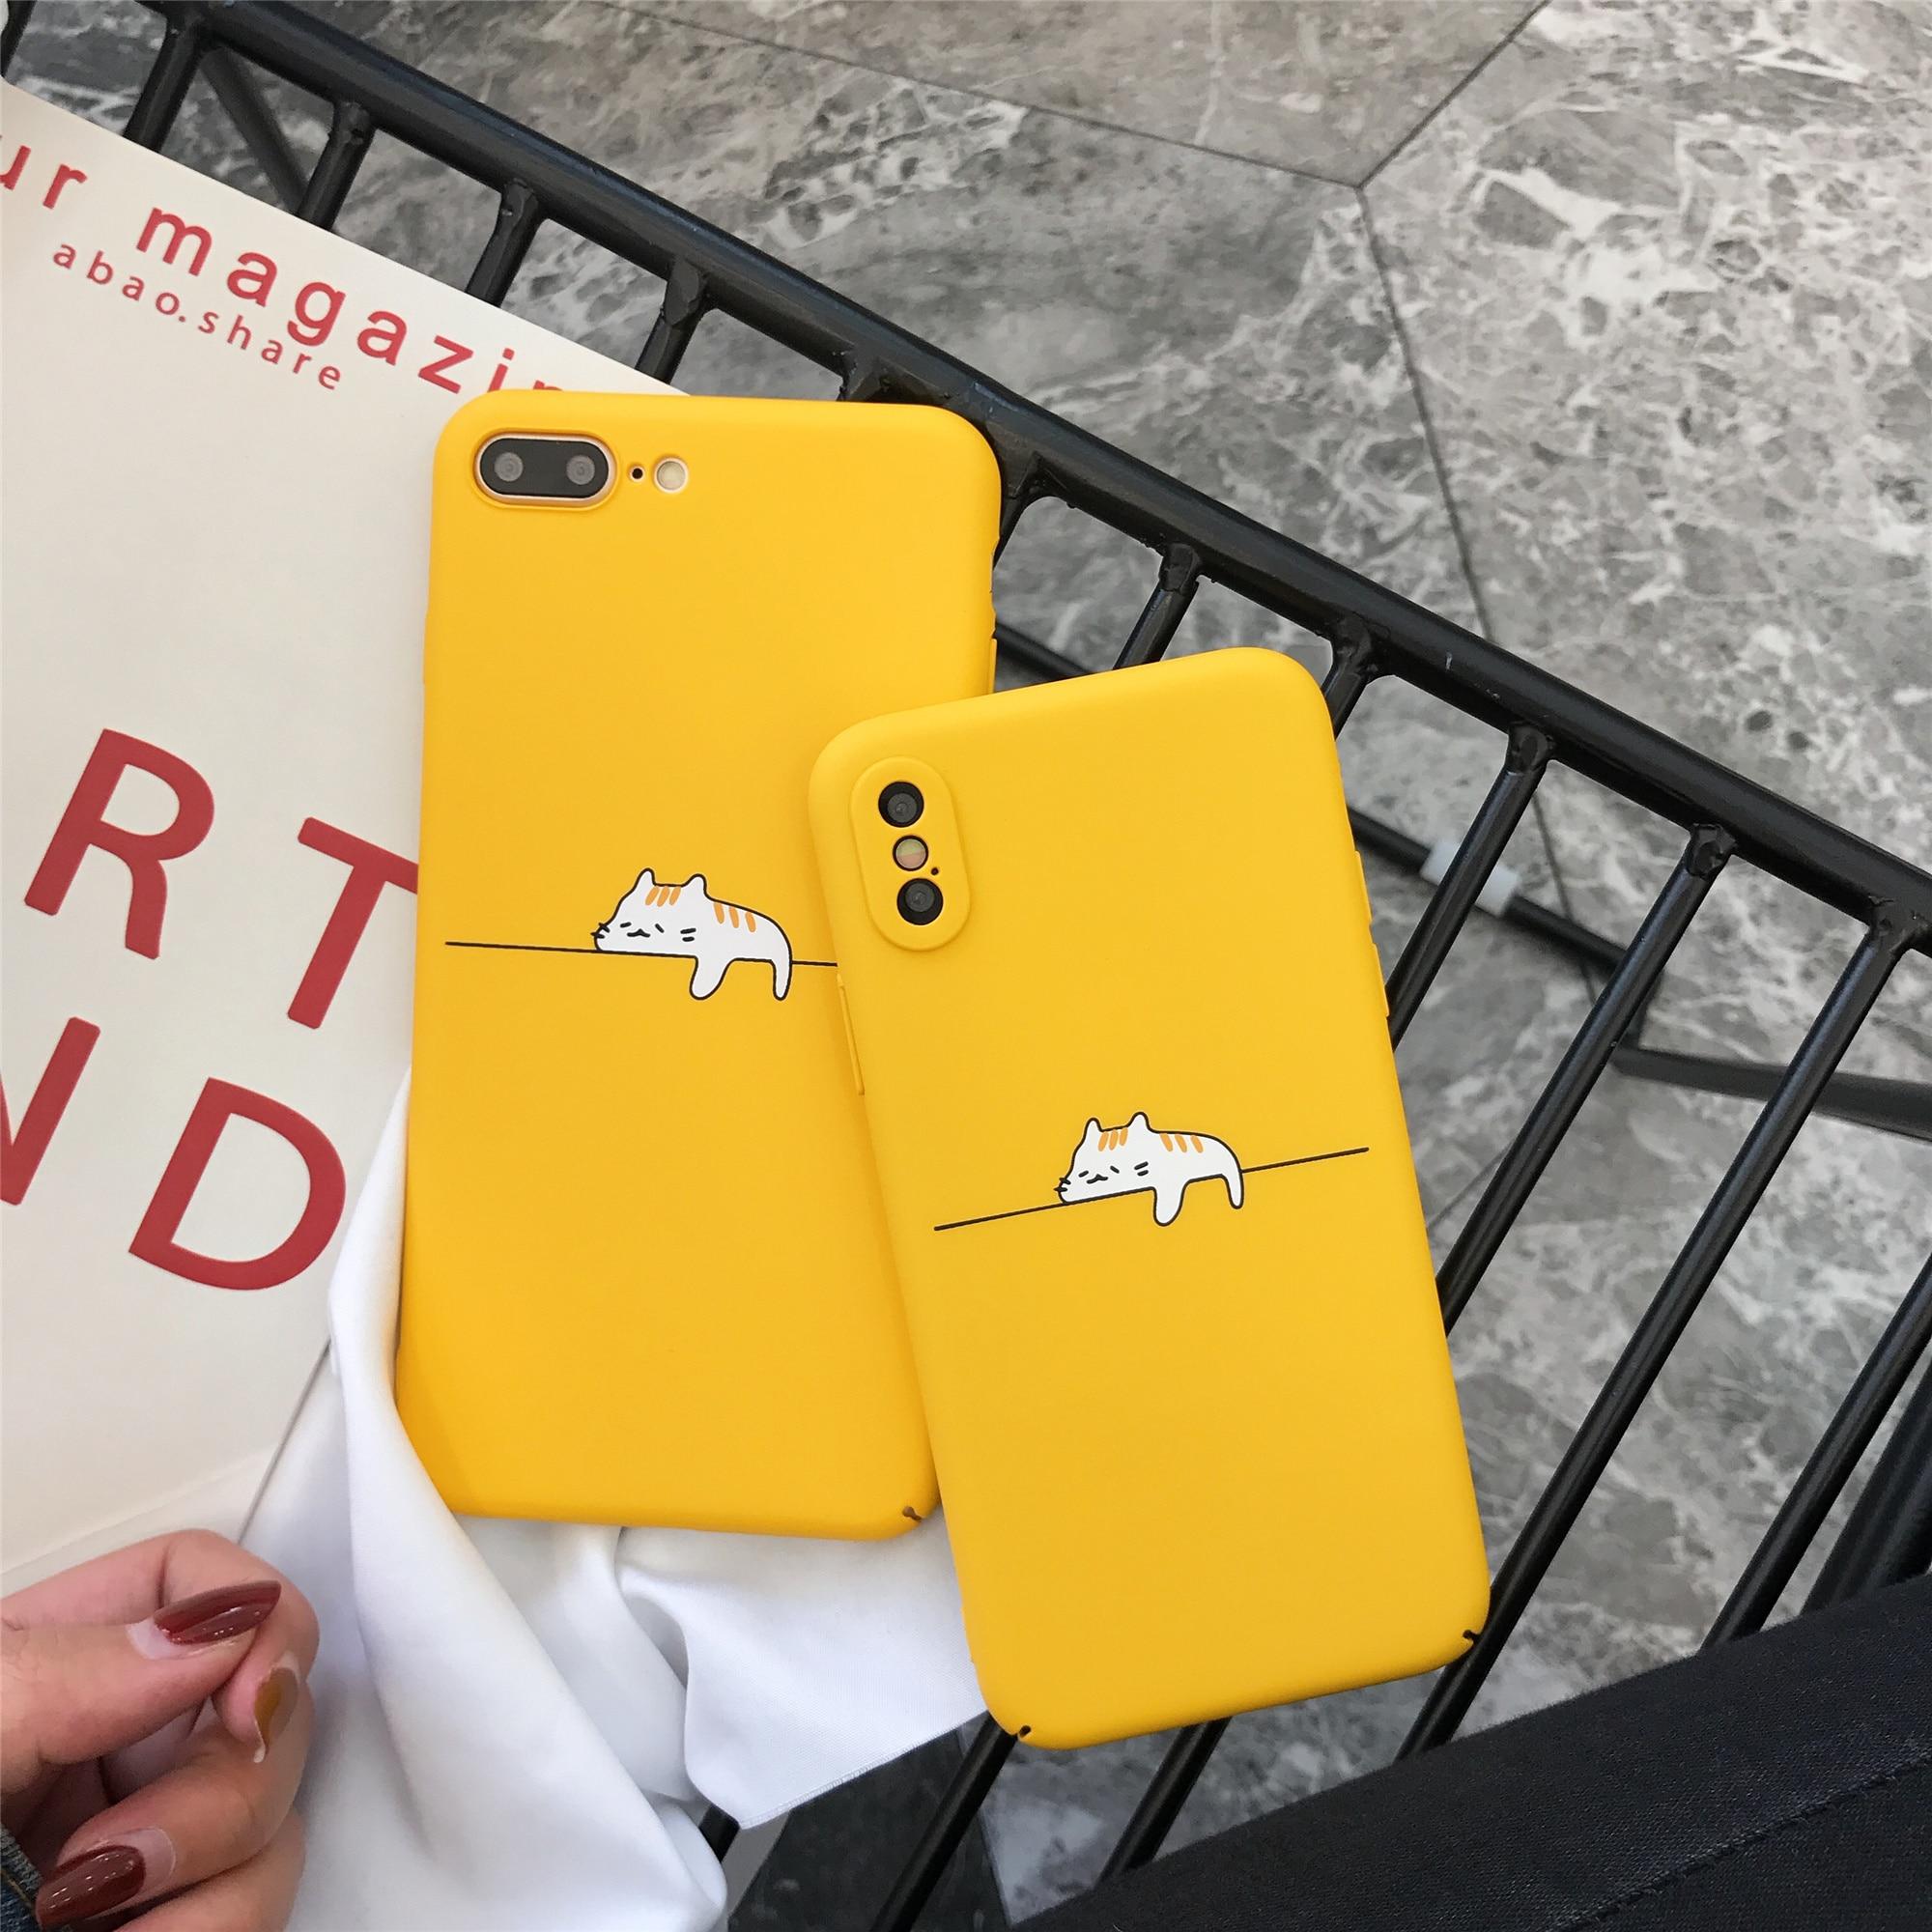 Coque Funda Phone Case For iPhone 6 6s 7 8 X Plus Case